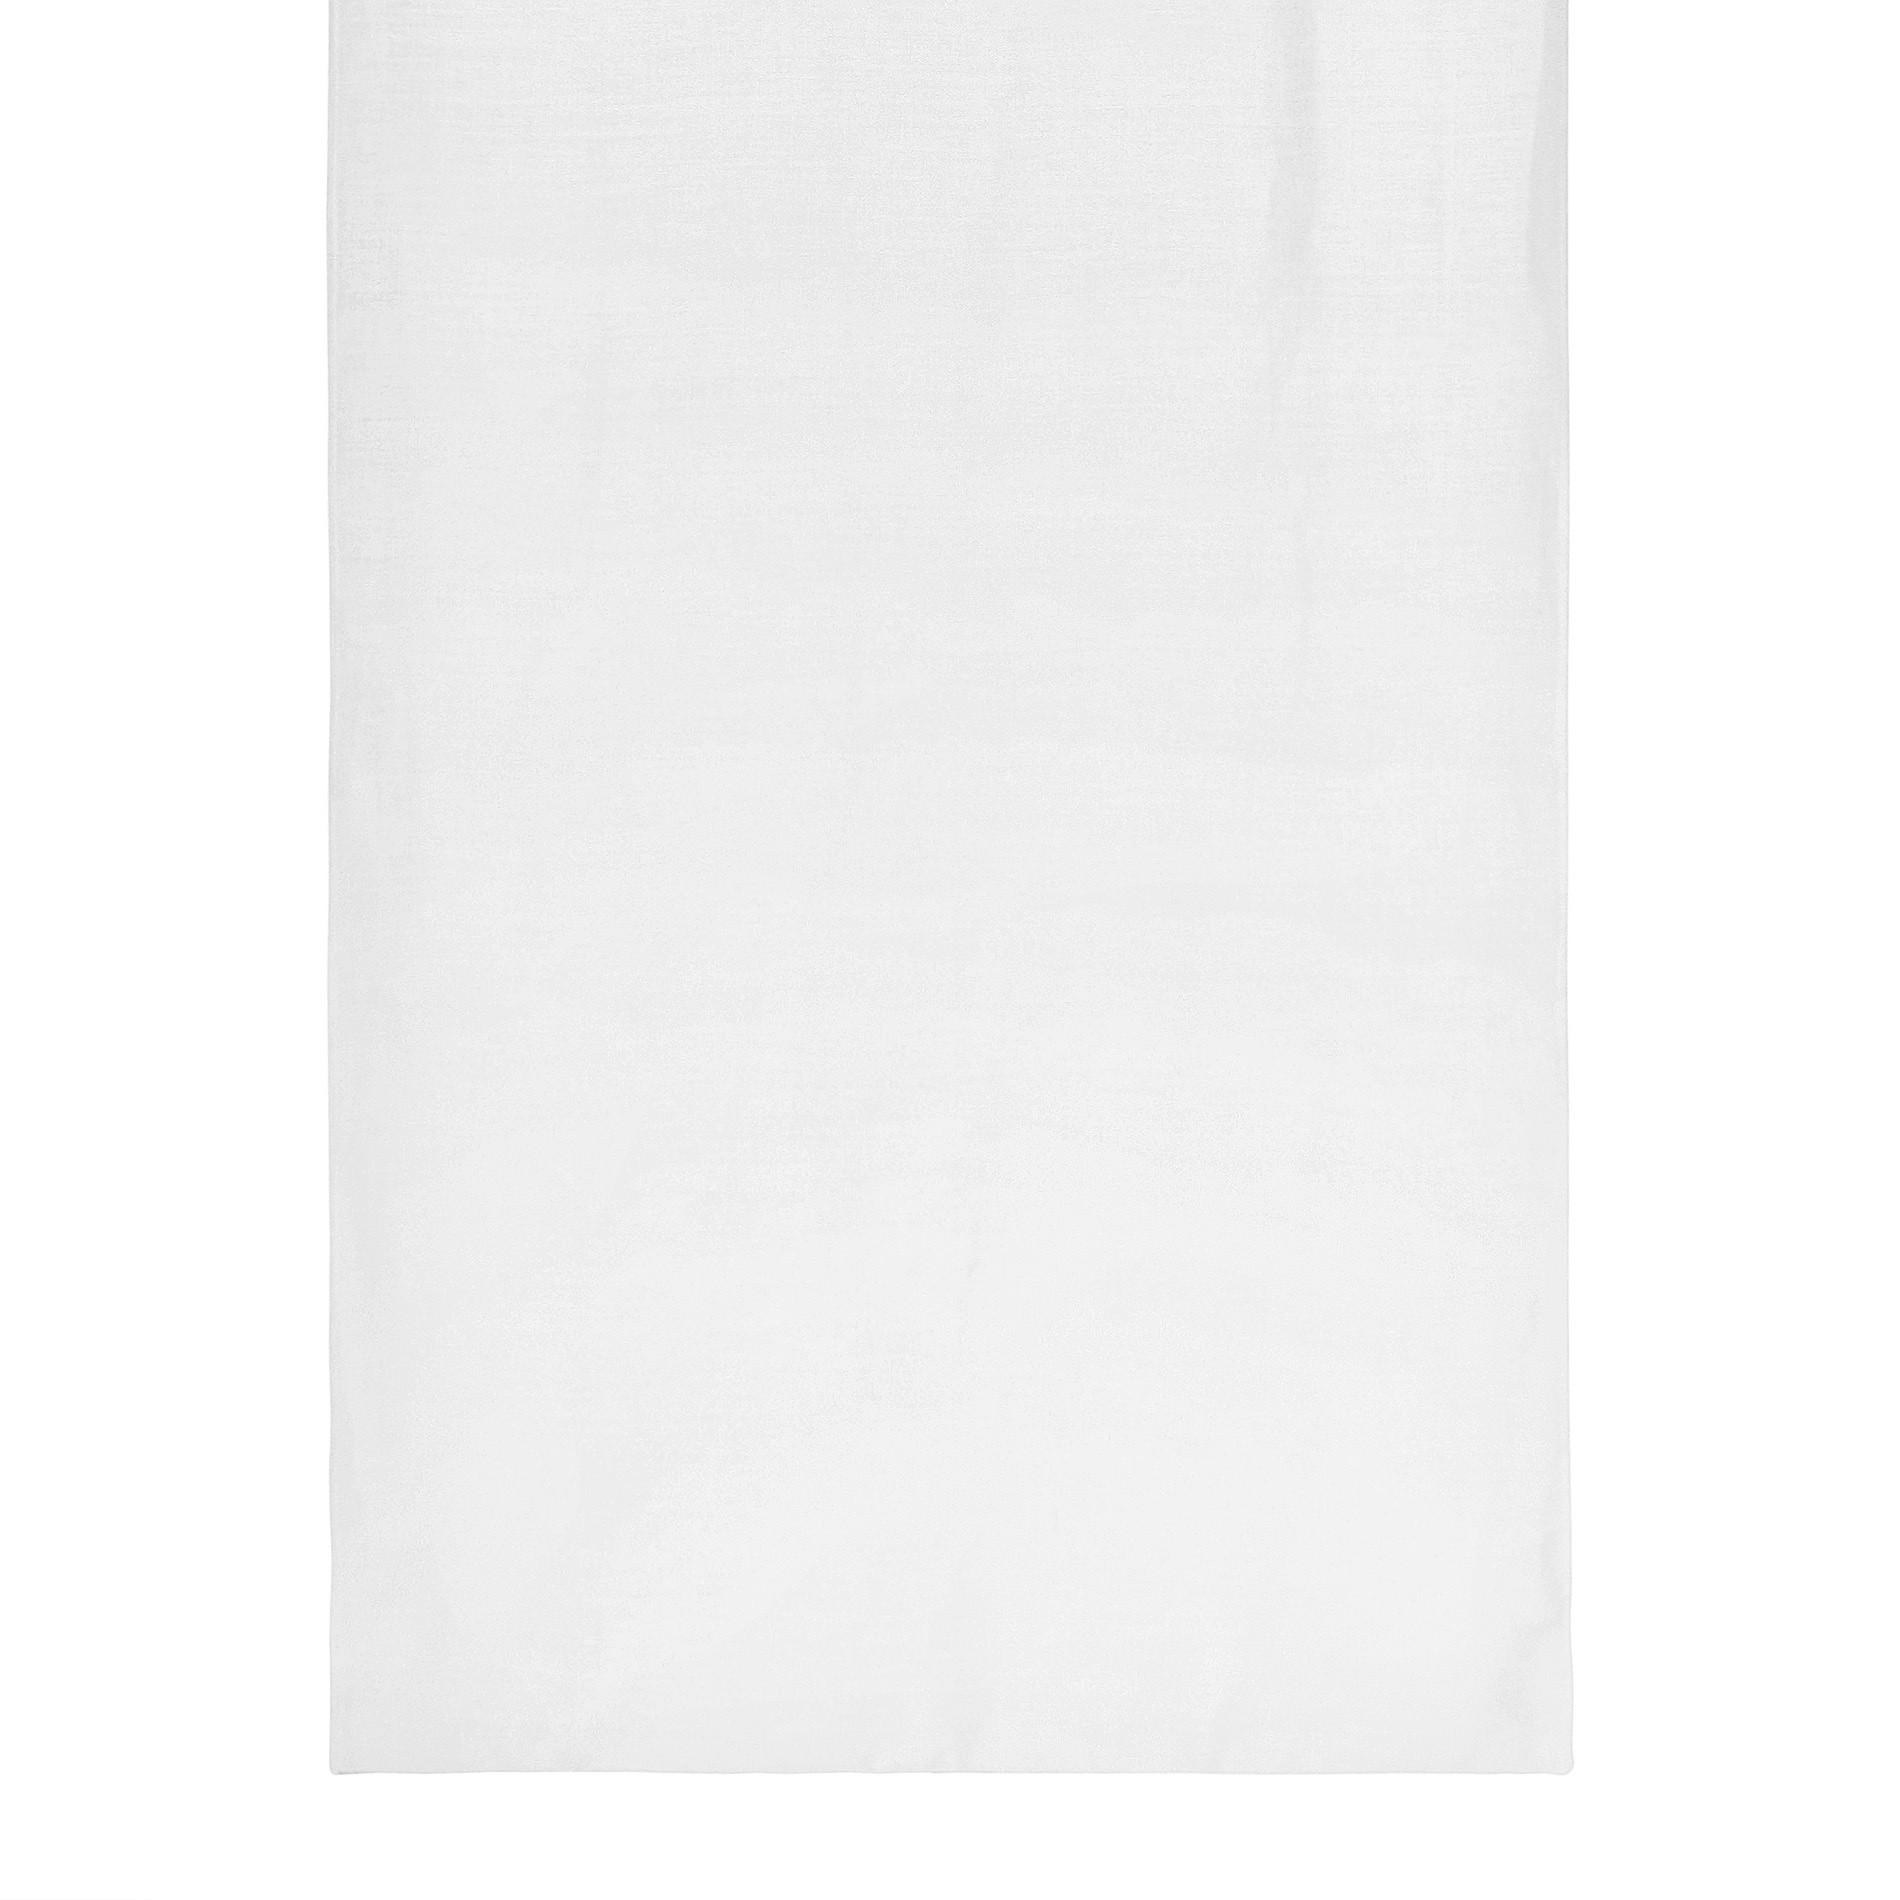 Tendina misto lino con fiocchetti, Bianco, large image number 2